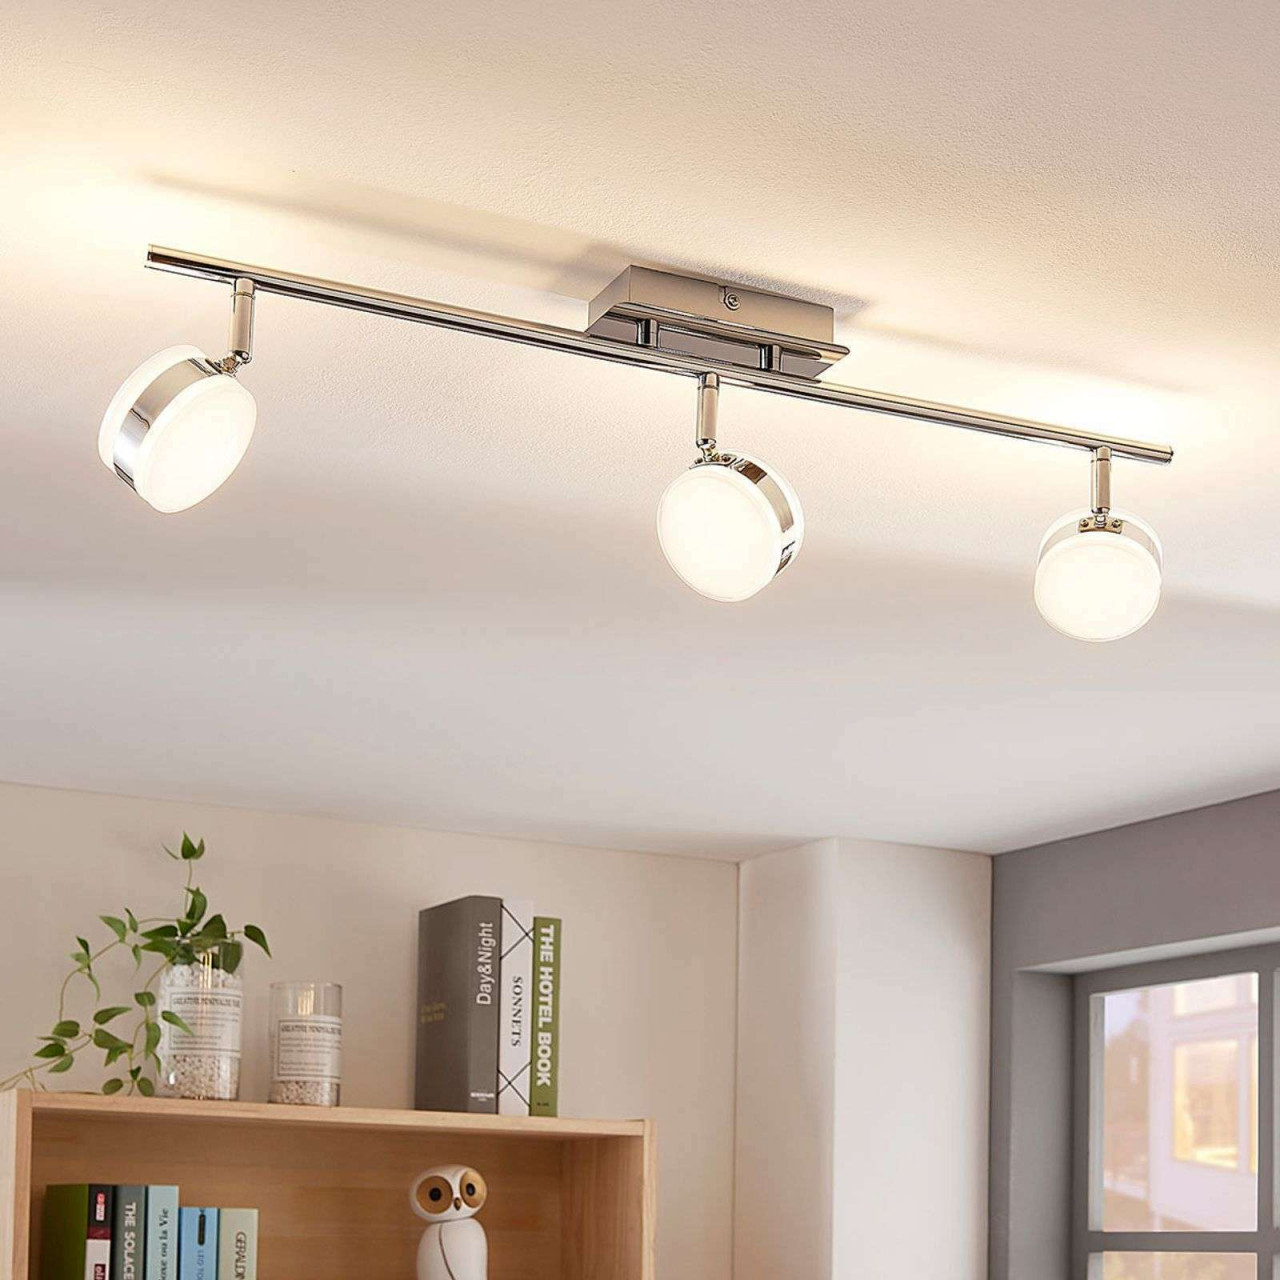 Innenbeleuchtung Küche Haushalt  Wohnen Strahler Modern von Deckenleuchte Led Wohnzimmer Photo